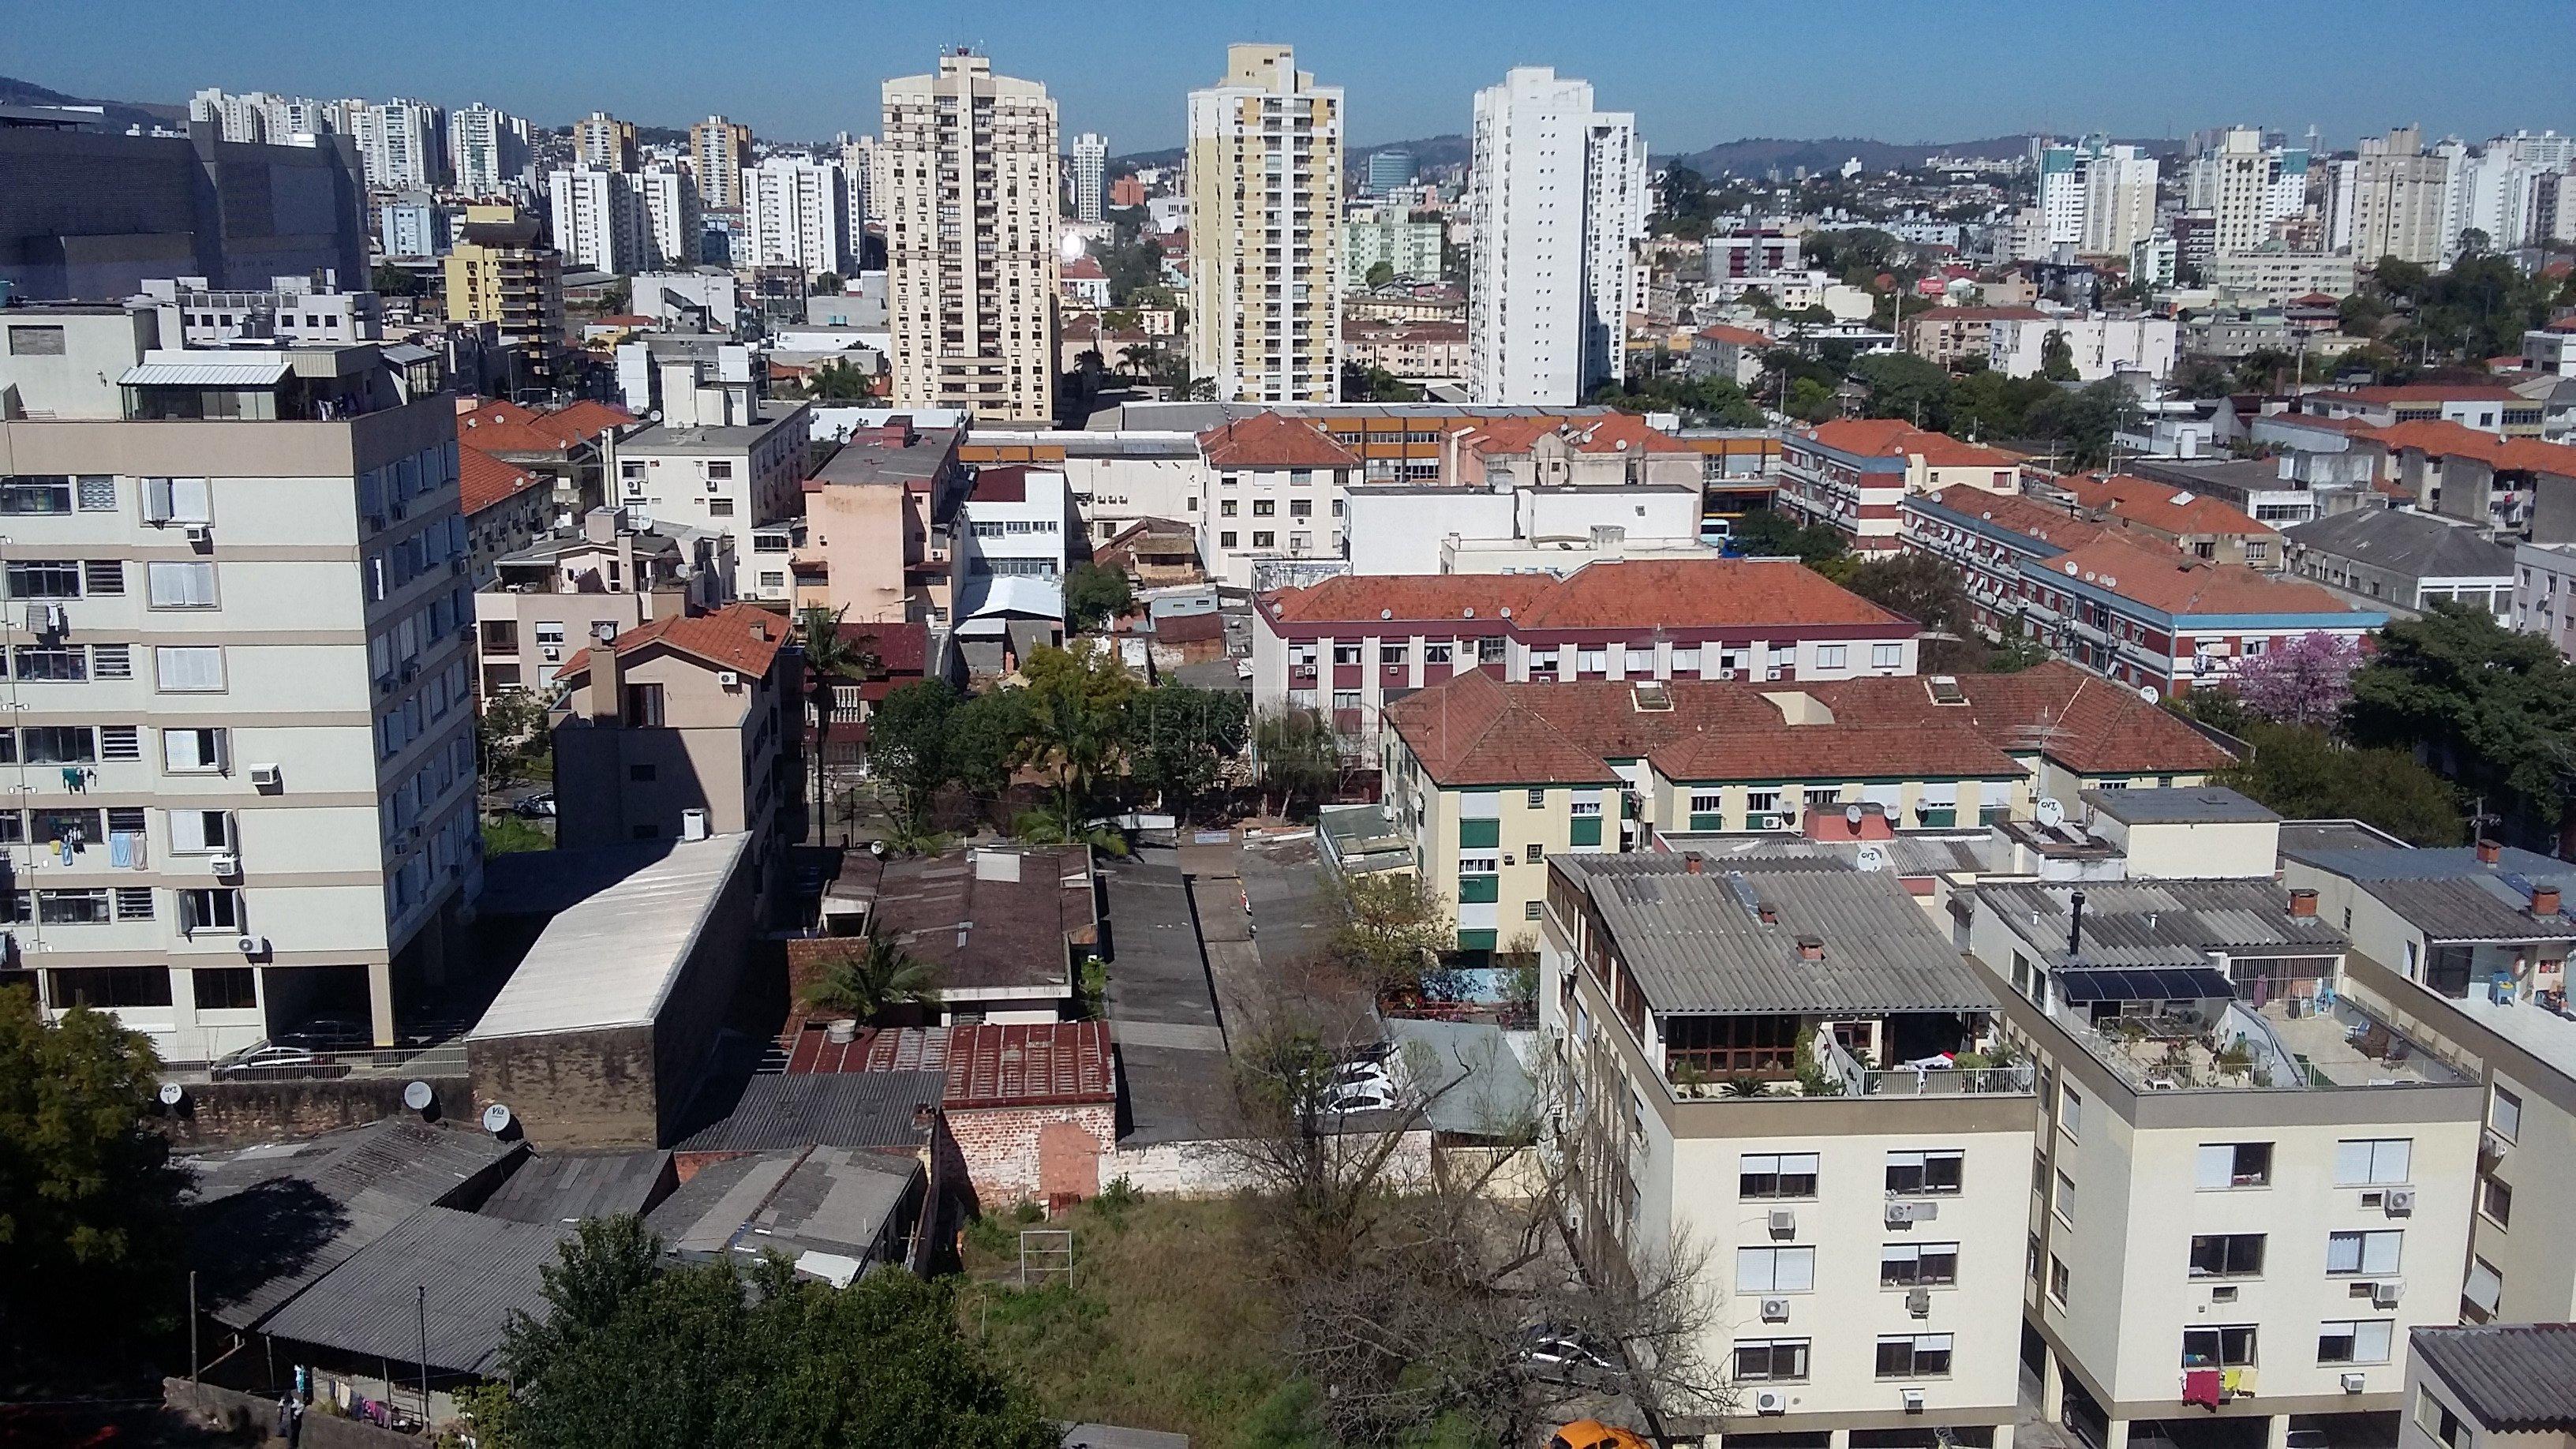 Imagens de #436988 Apartamento com 3 Dormitórios 1 Suíte e 2 Vagas de Garagem à venda  3264x1836 px 3728 Banheiros Planejados Porto Alegre